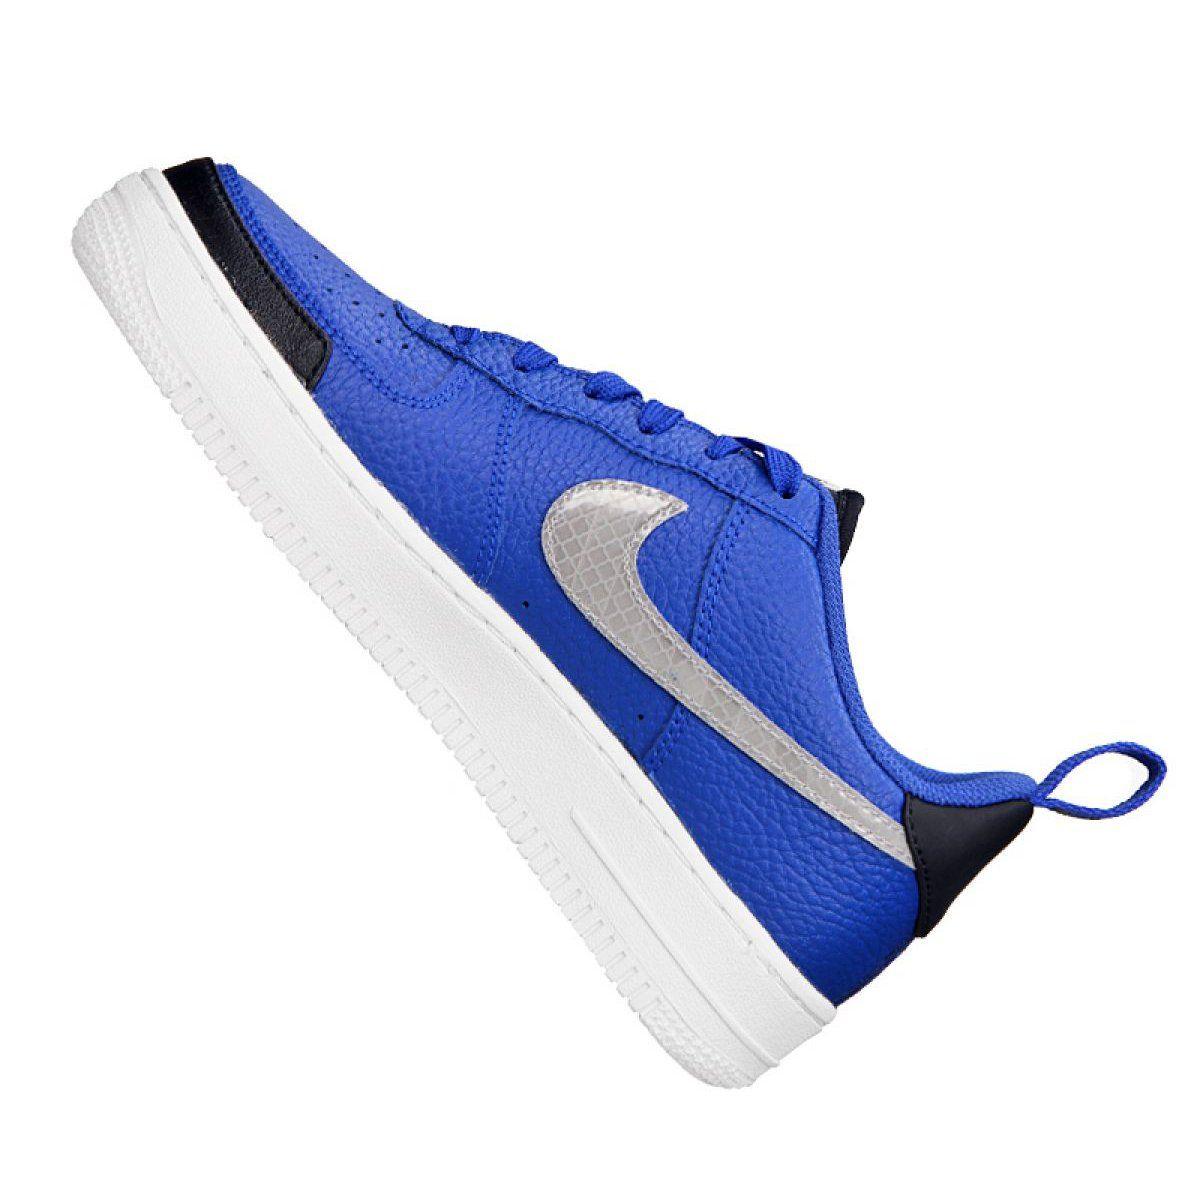 Nike Air Force 1 LV8 2 GS JR BQ5484 400